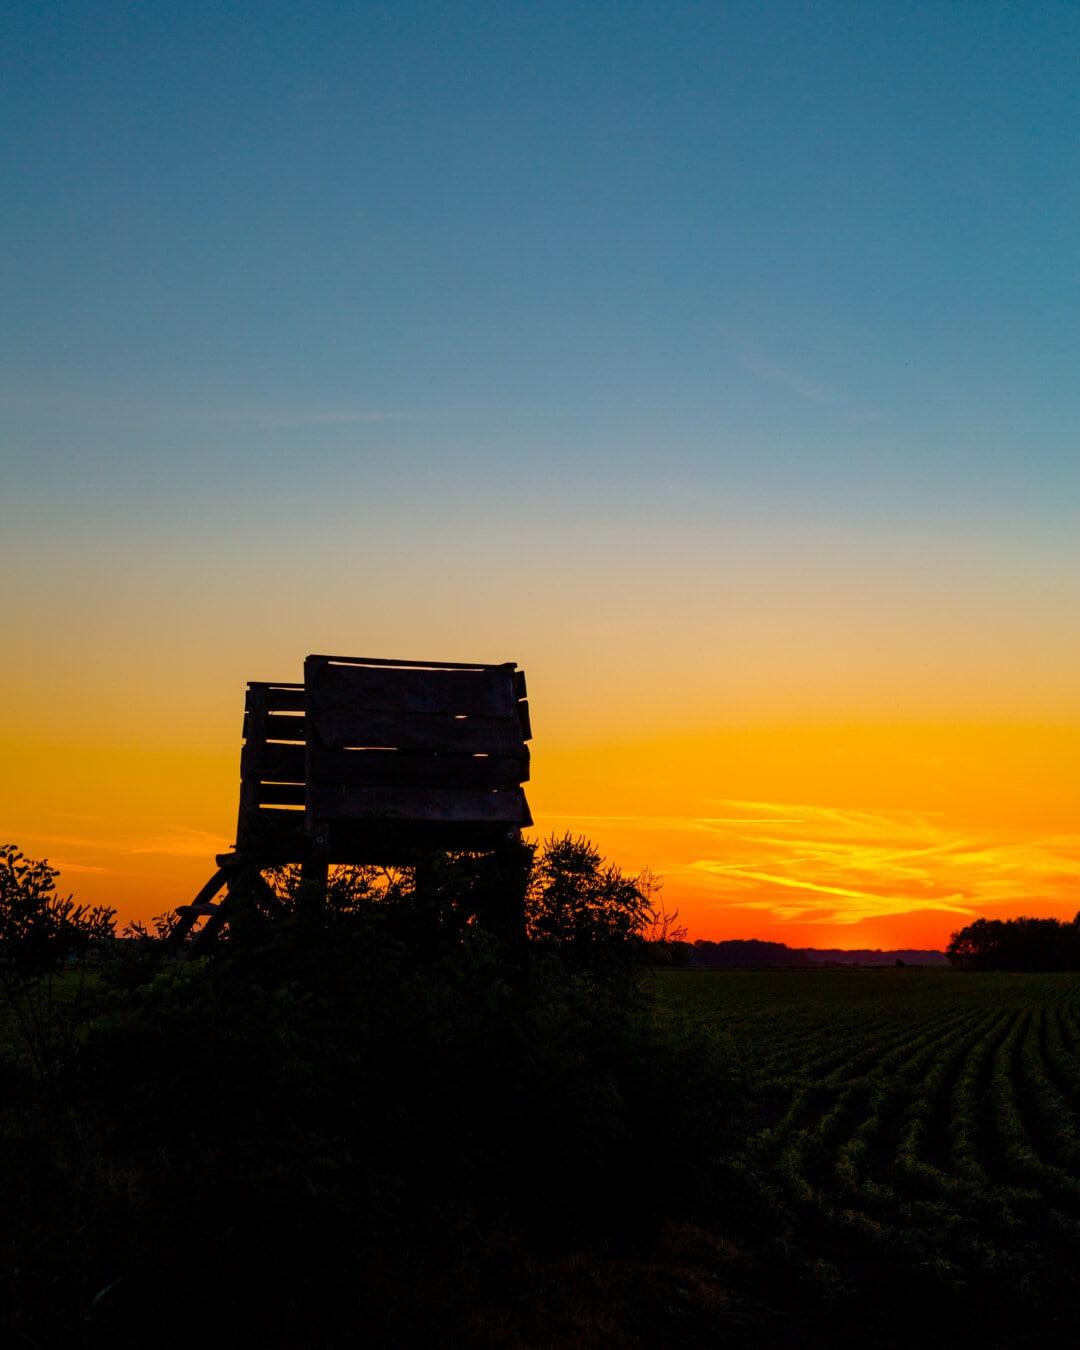 Feld, landwirtschaftlich, Sonnenuntergang, Atmosphäre, des ländlichen Raums, Gras, Dämmerung, Landschaft, Sonne, Natur